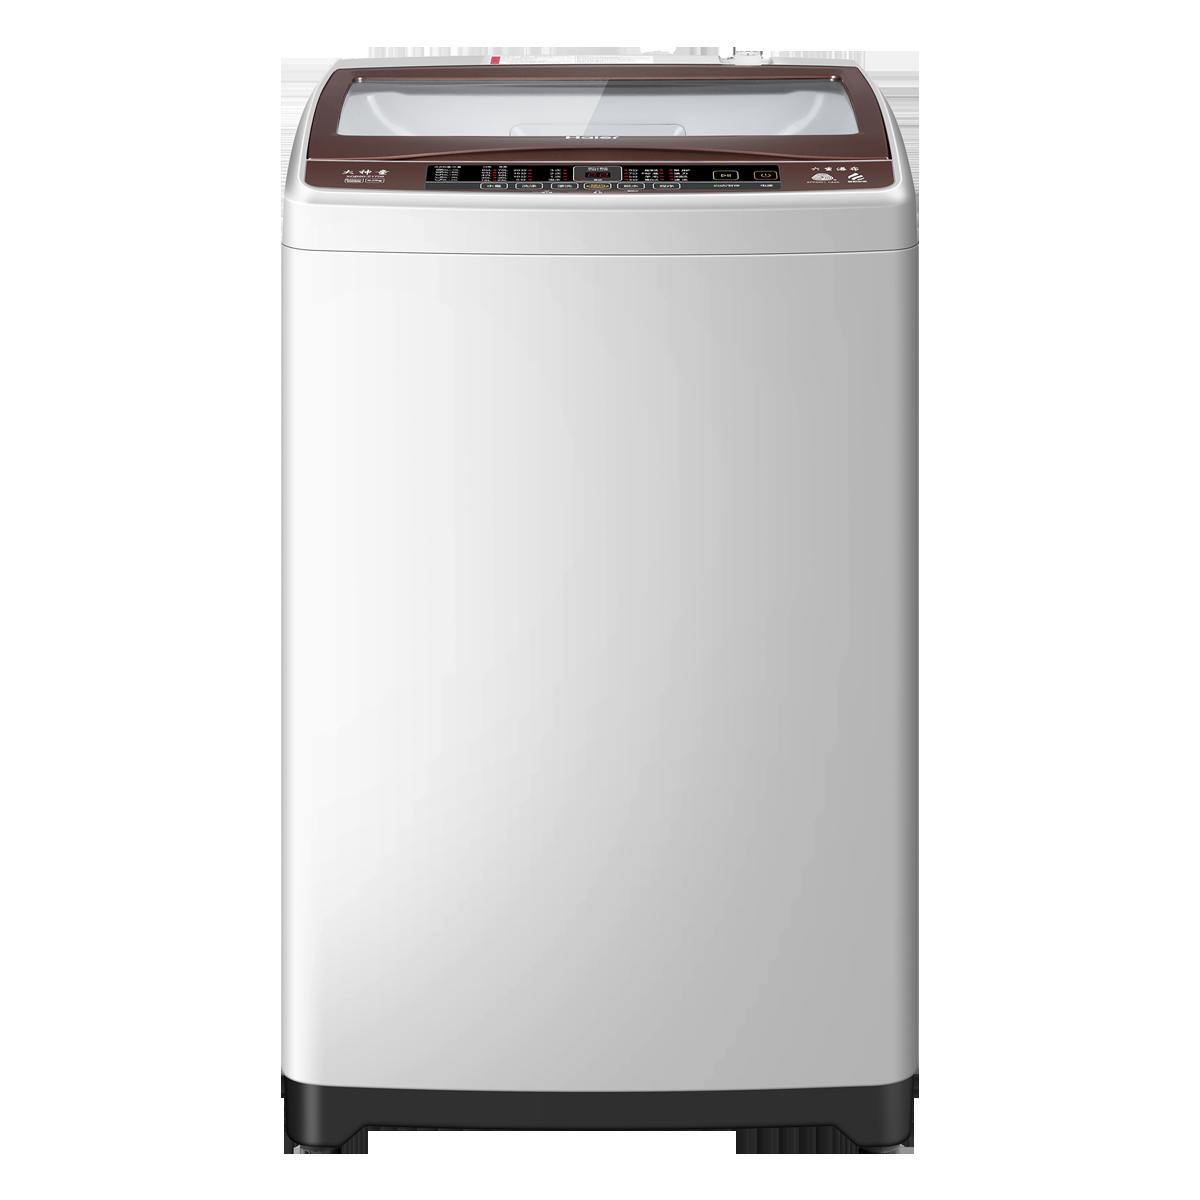 海尔Haier洗衣机 XQB80-Z1708 说明书